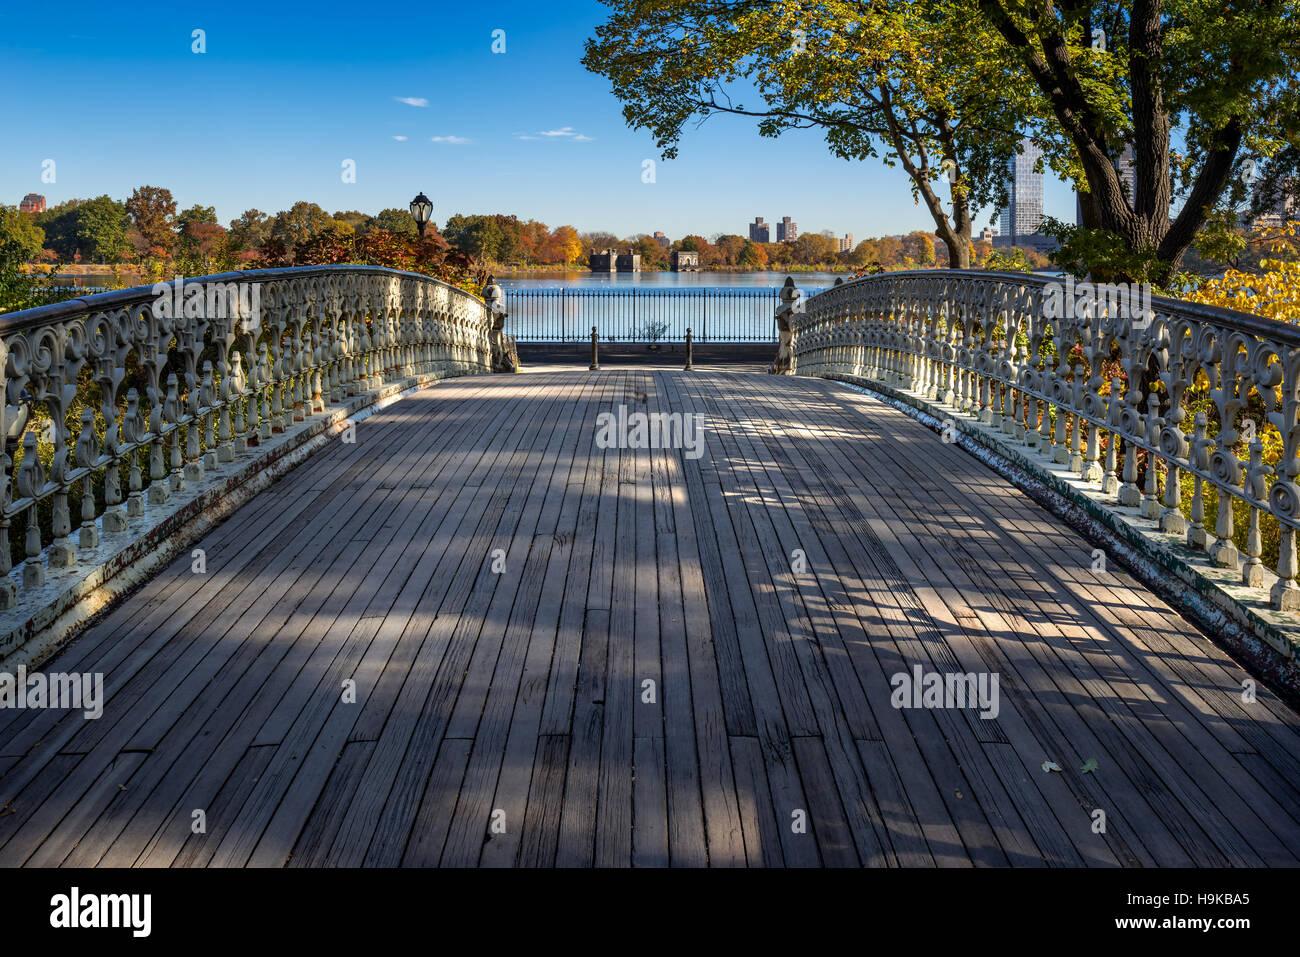 Nr. 27 im Central Park mit Blick auf den Jacqueline Kennedy Onassis Reservoir im Herbst zu überbrücken. Stockbild